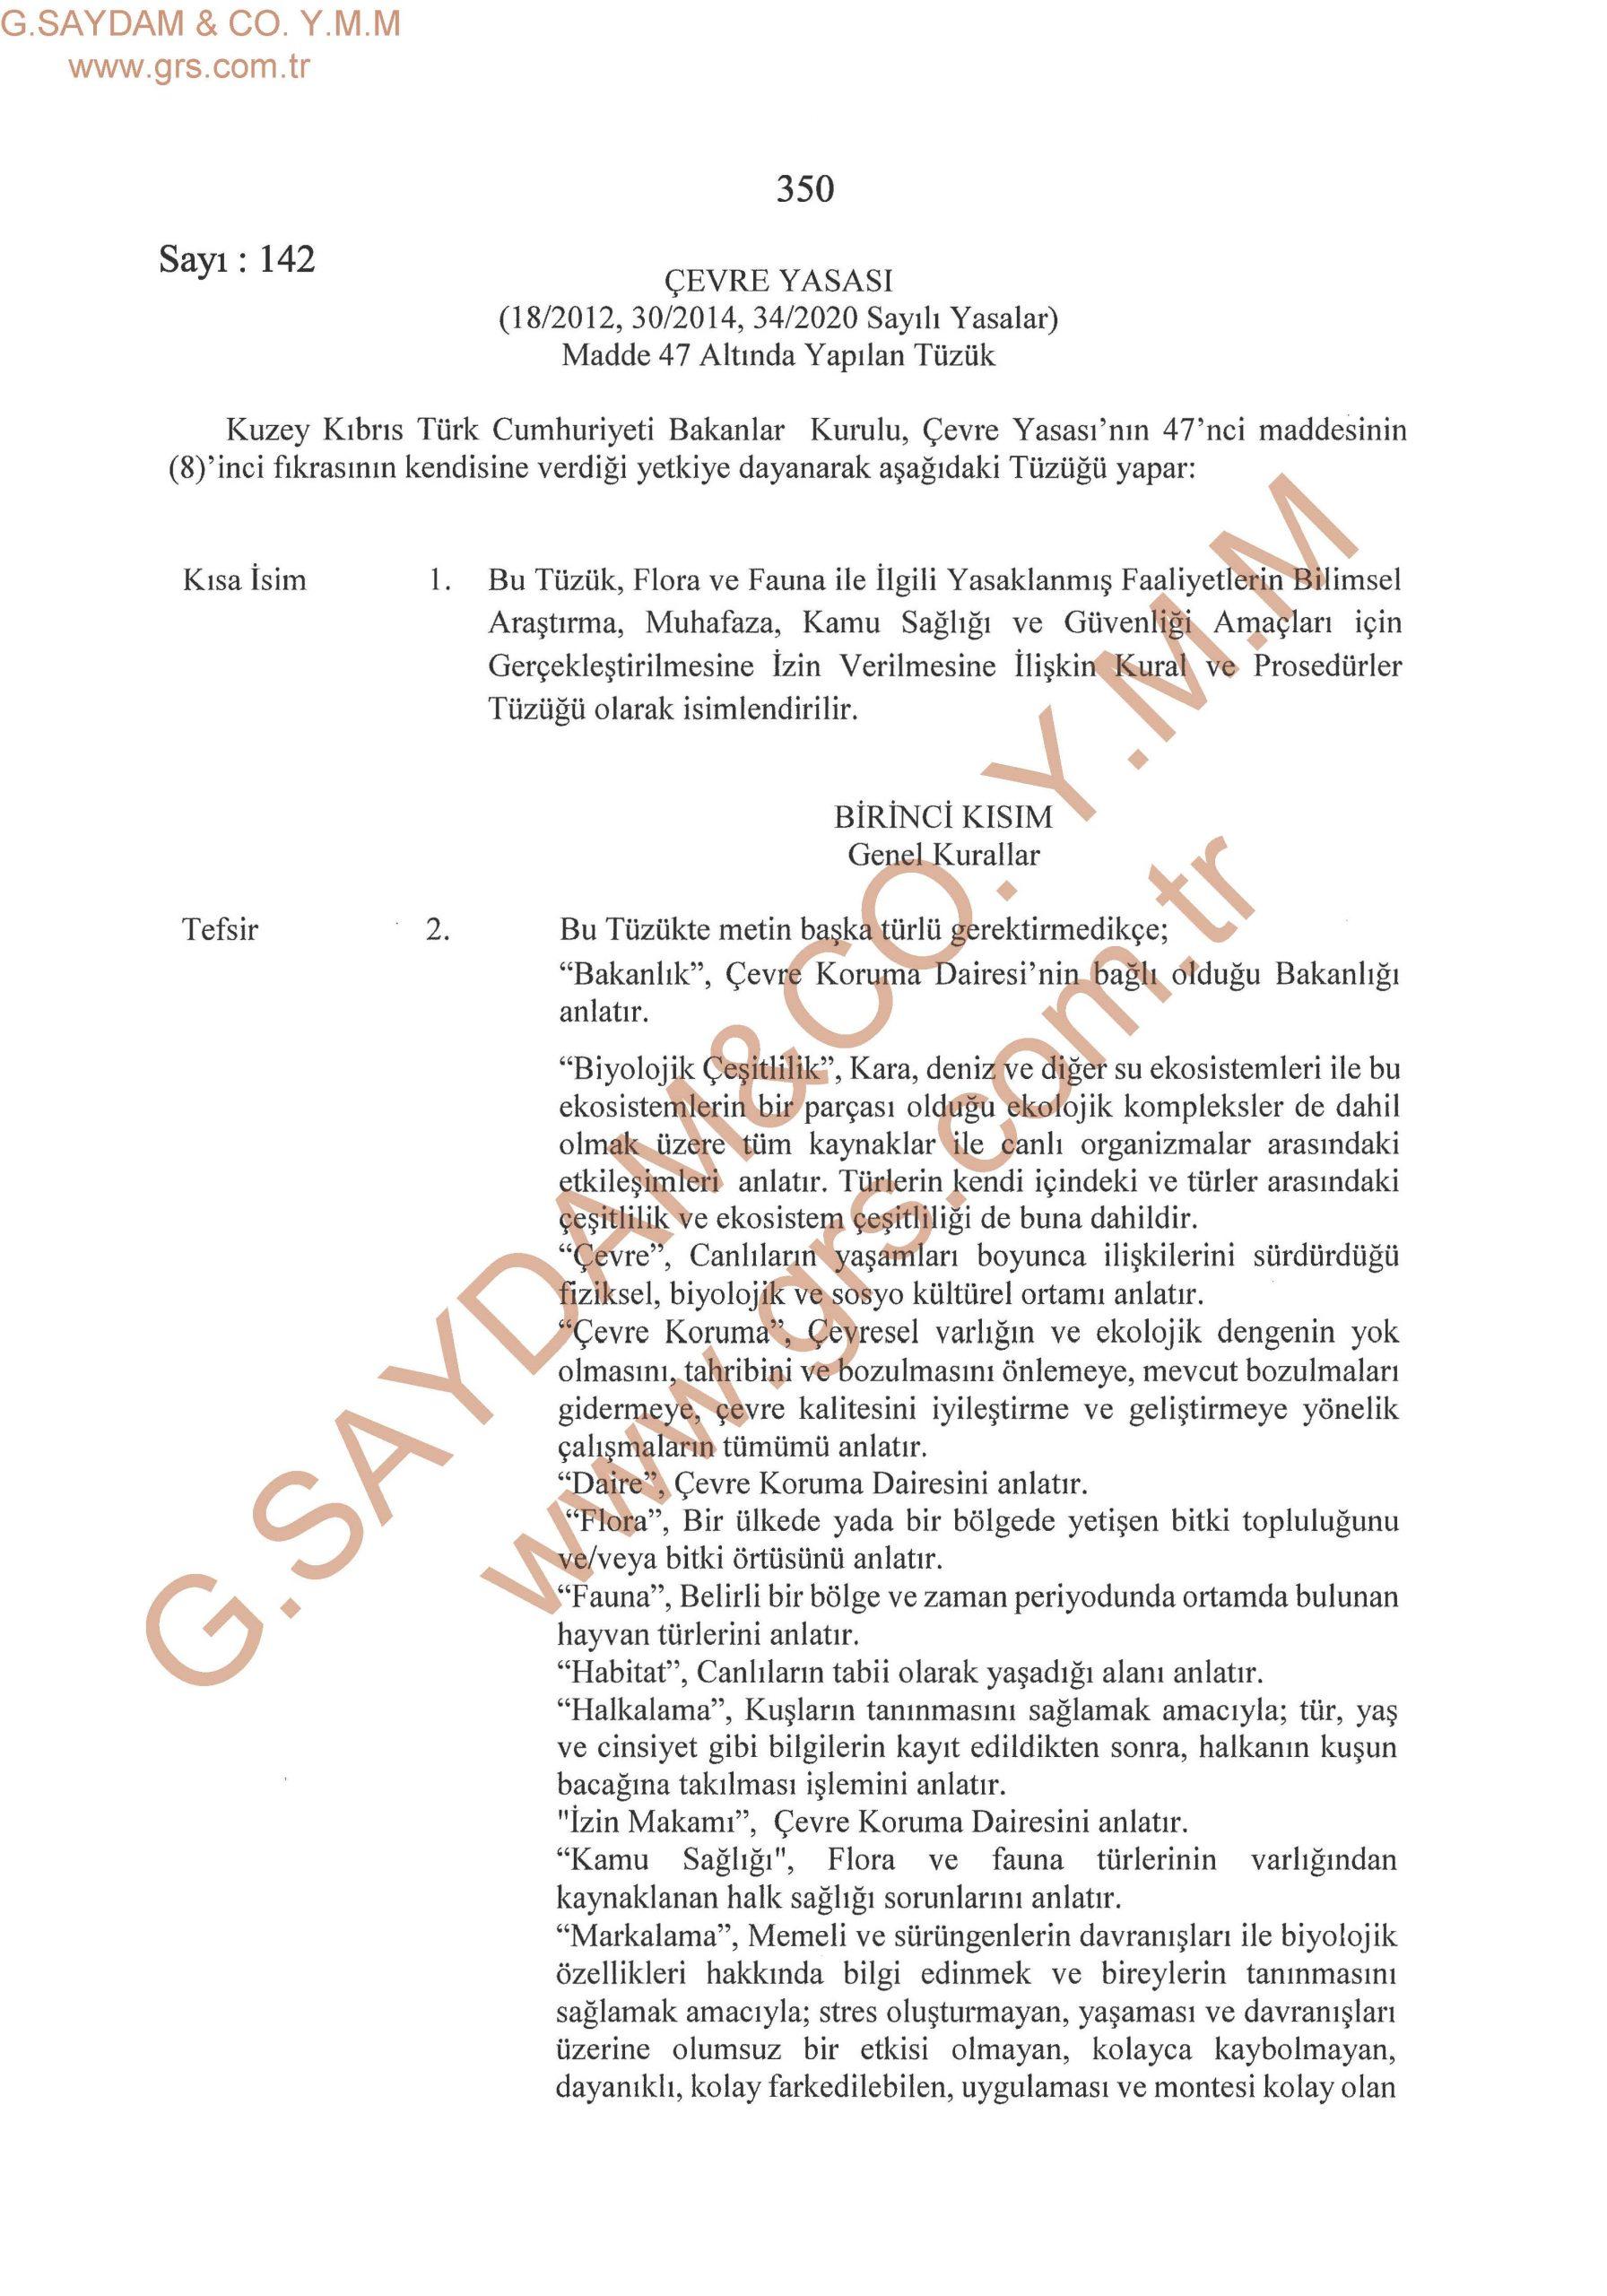 Çevre Yasası (Madde 47 Altında Yapılan Tüzük)